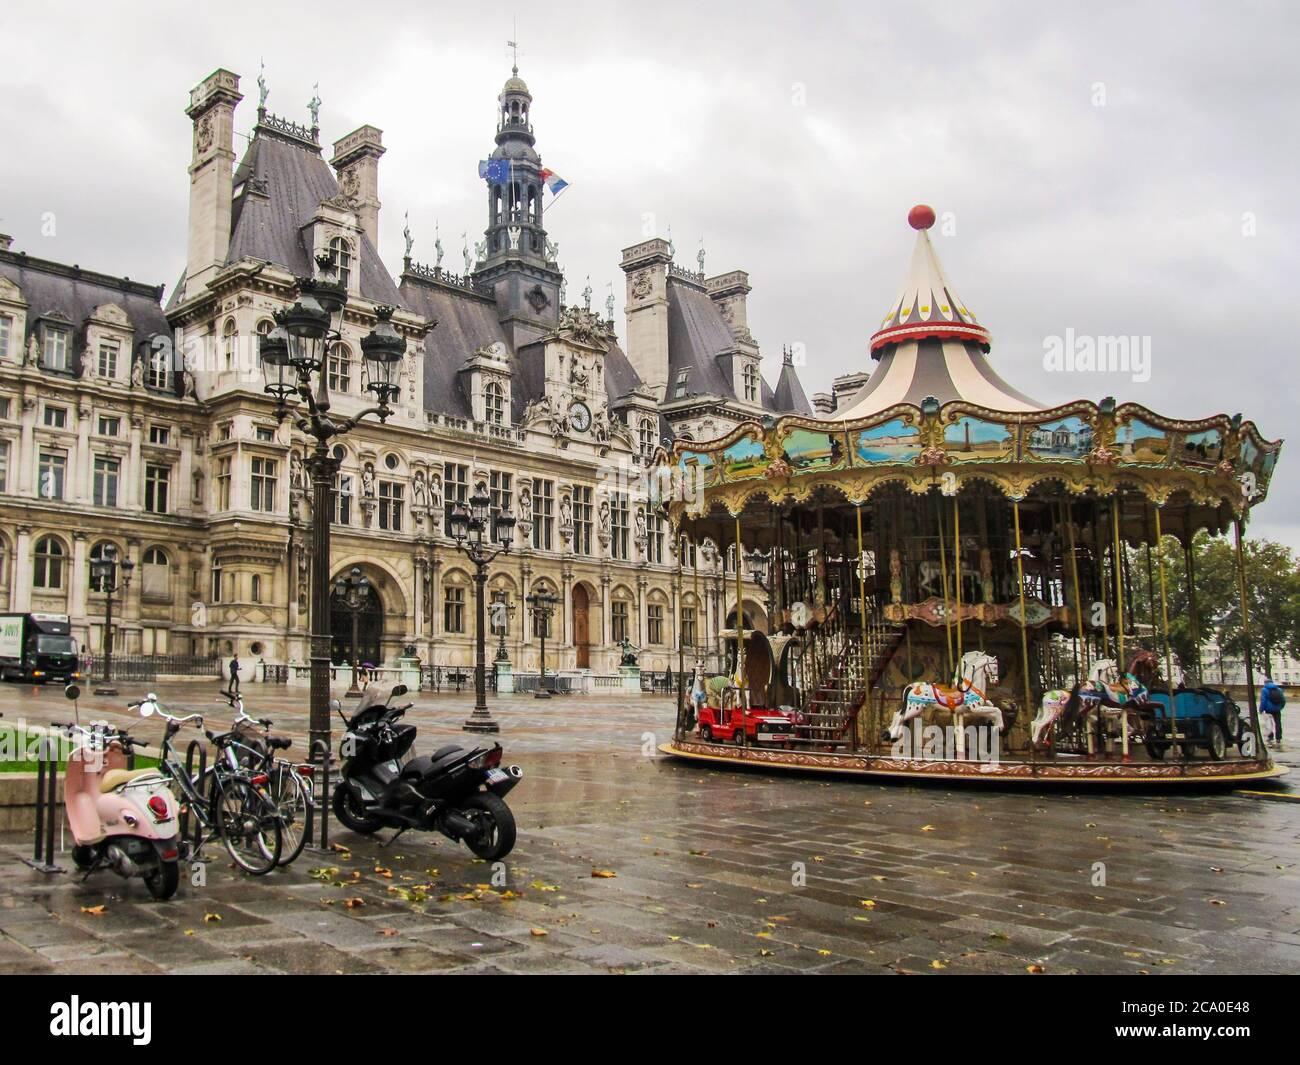 Un carrousel en face de l'Hôtel de ville, l'hôtel de ville de Paris, photographié tôt le matin lors d'un jour de pluie à Paris, France Banque D'Images